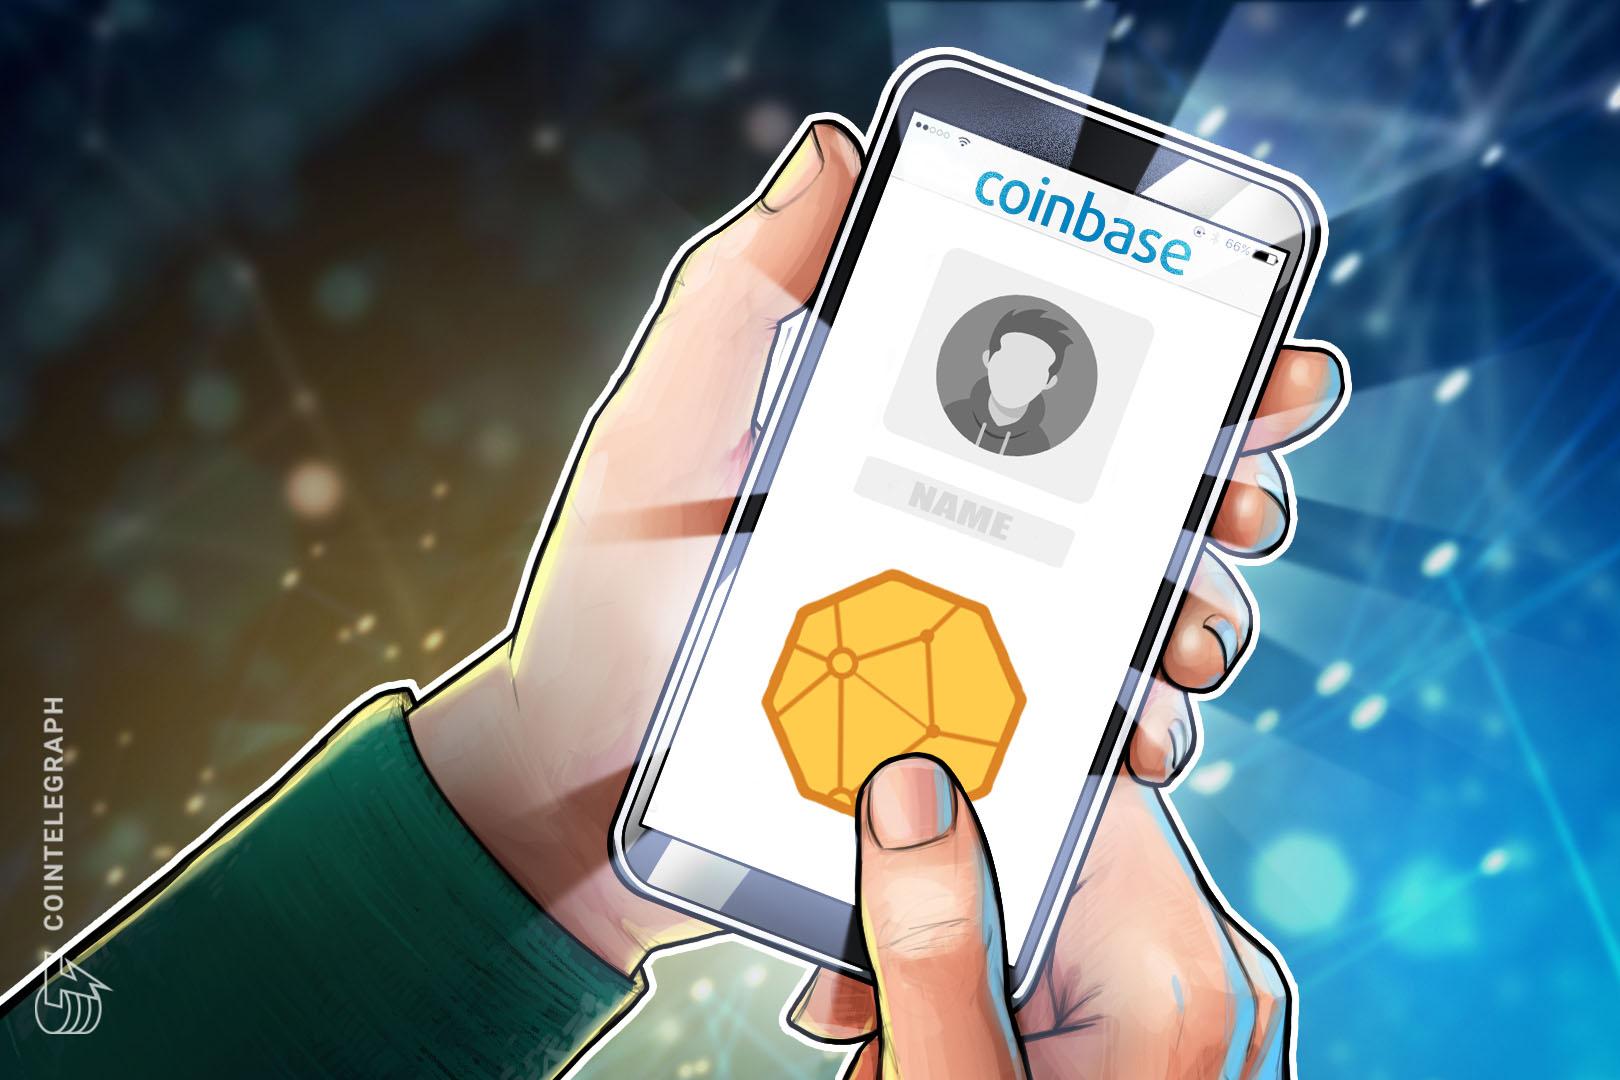 coinbase wallet to coinbase